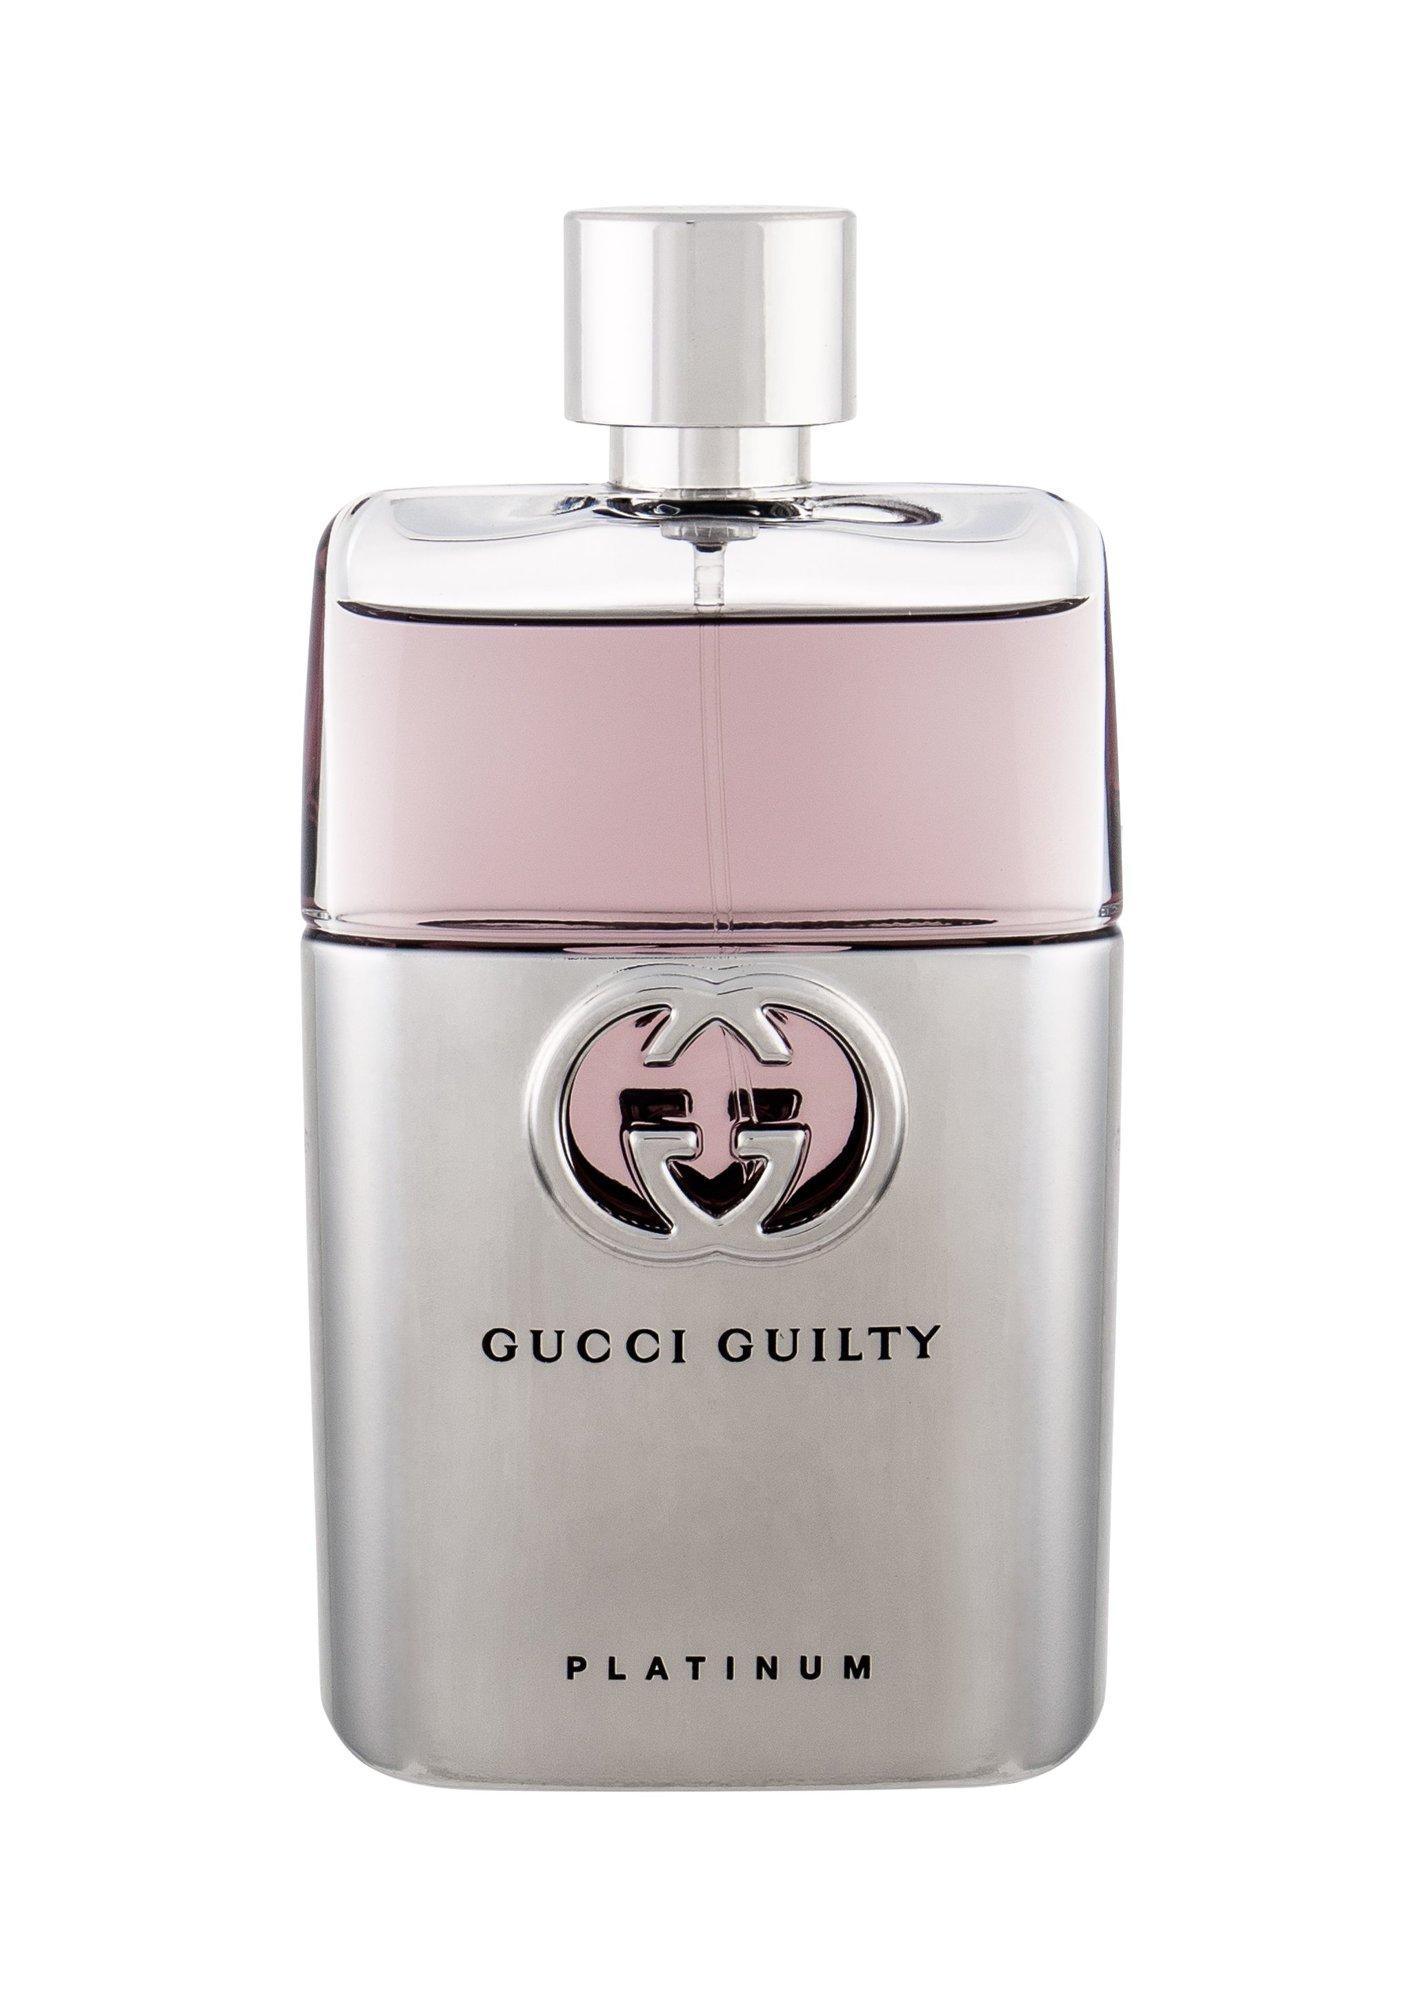 Gucci Guilty Pour Homme Platinum, Toaletná voda 90ml